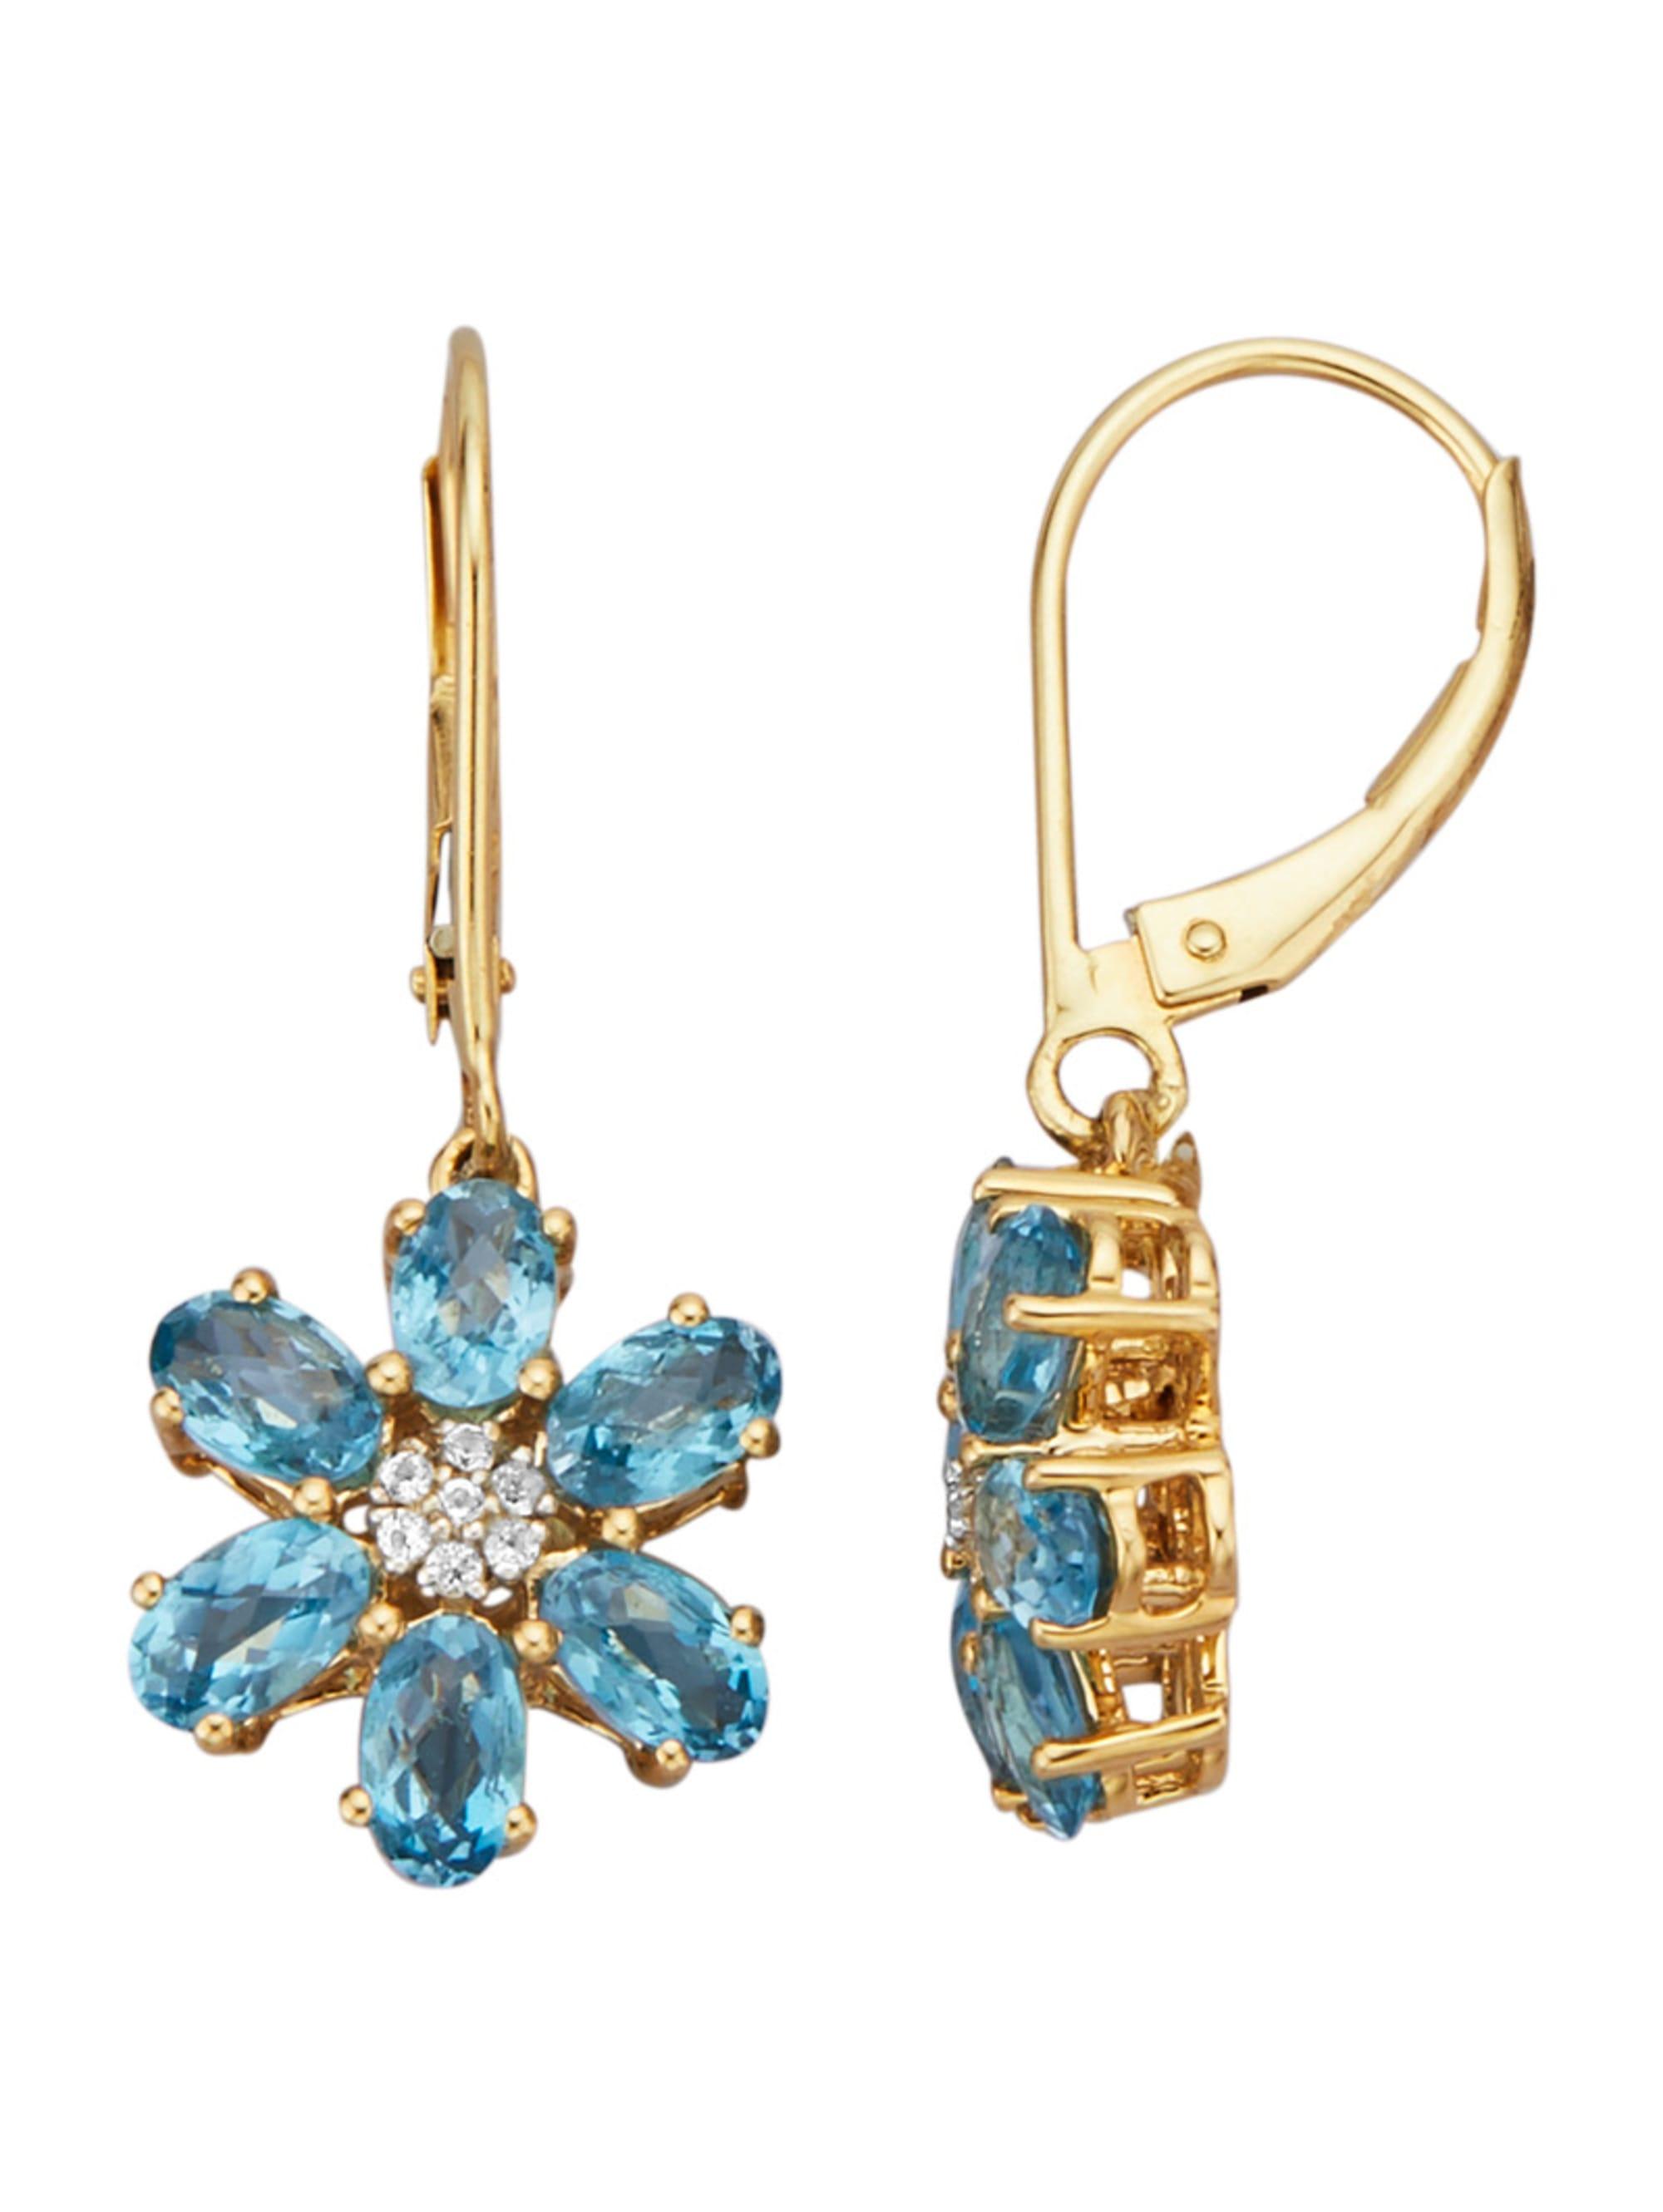 Diemer Farbstein Ohrringe mit Blautopasen JpKQd